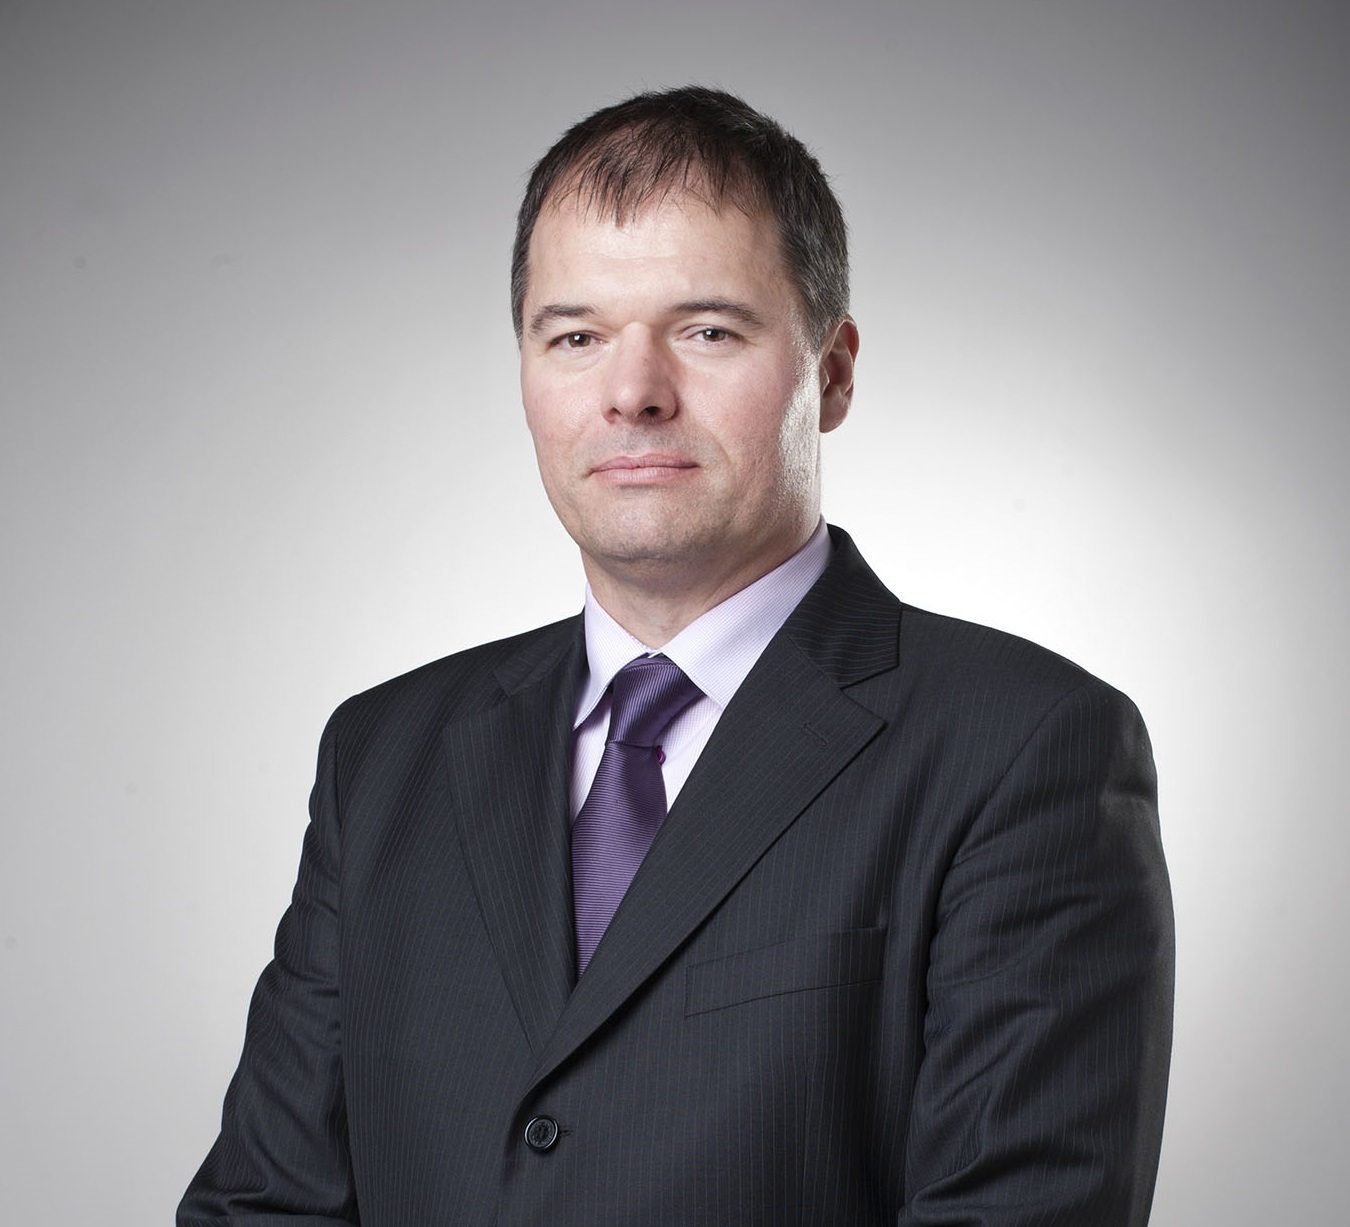 Alan Mirko Poldrugač